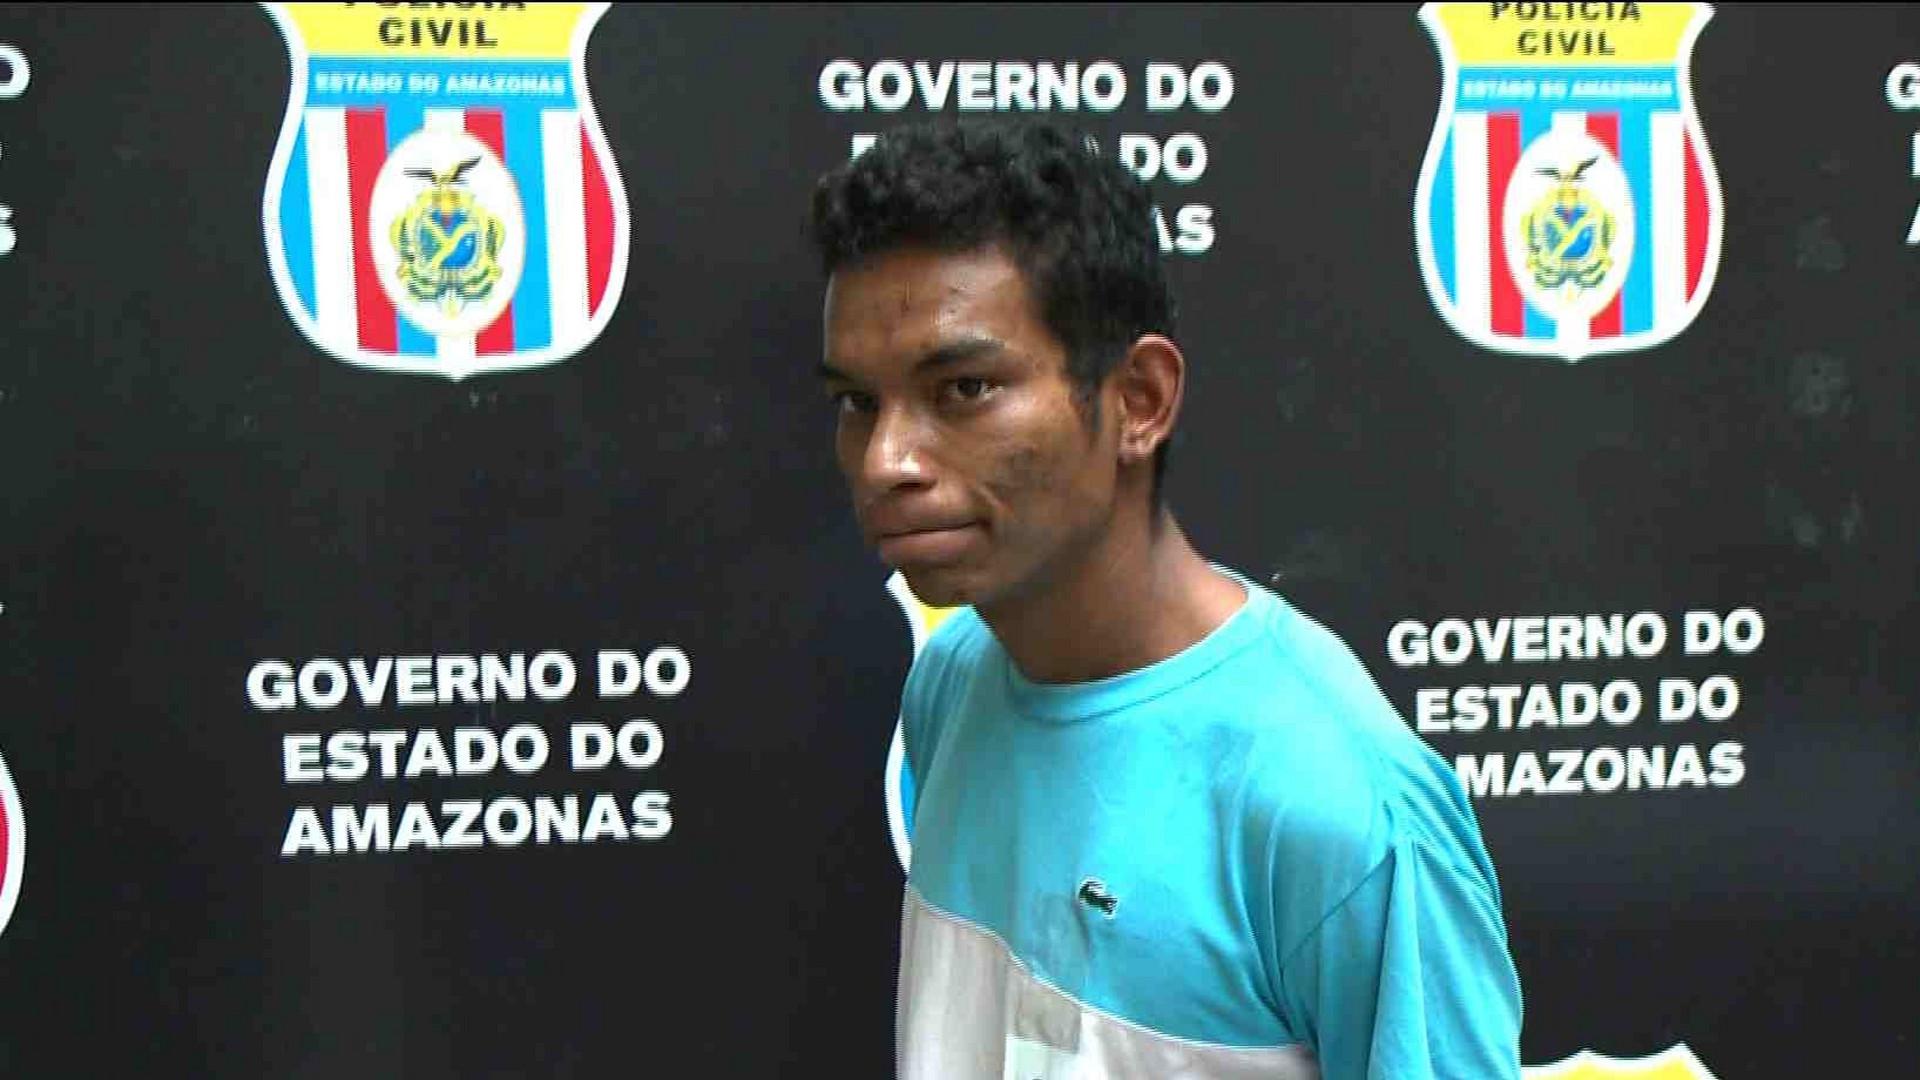 RECAPTURADO: HOMEM QUE MATOU CACHORRO ERA FORAGIDO DA POLÍCIA - Cidade Alerta Manaus - 15/12/17